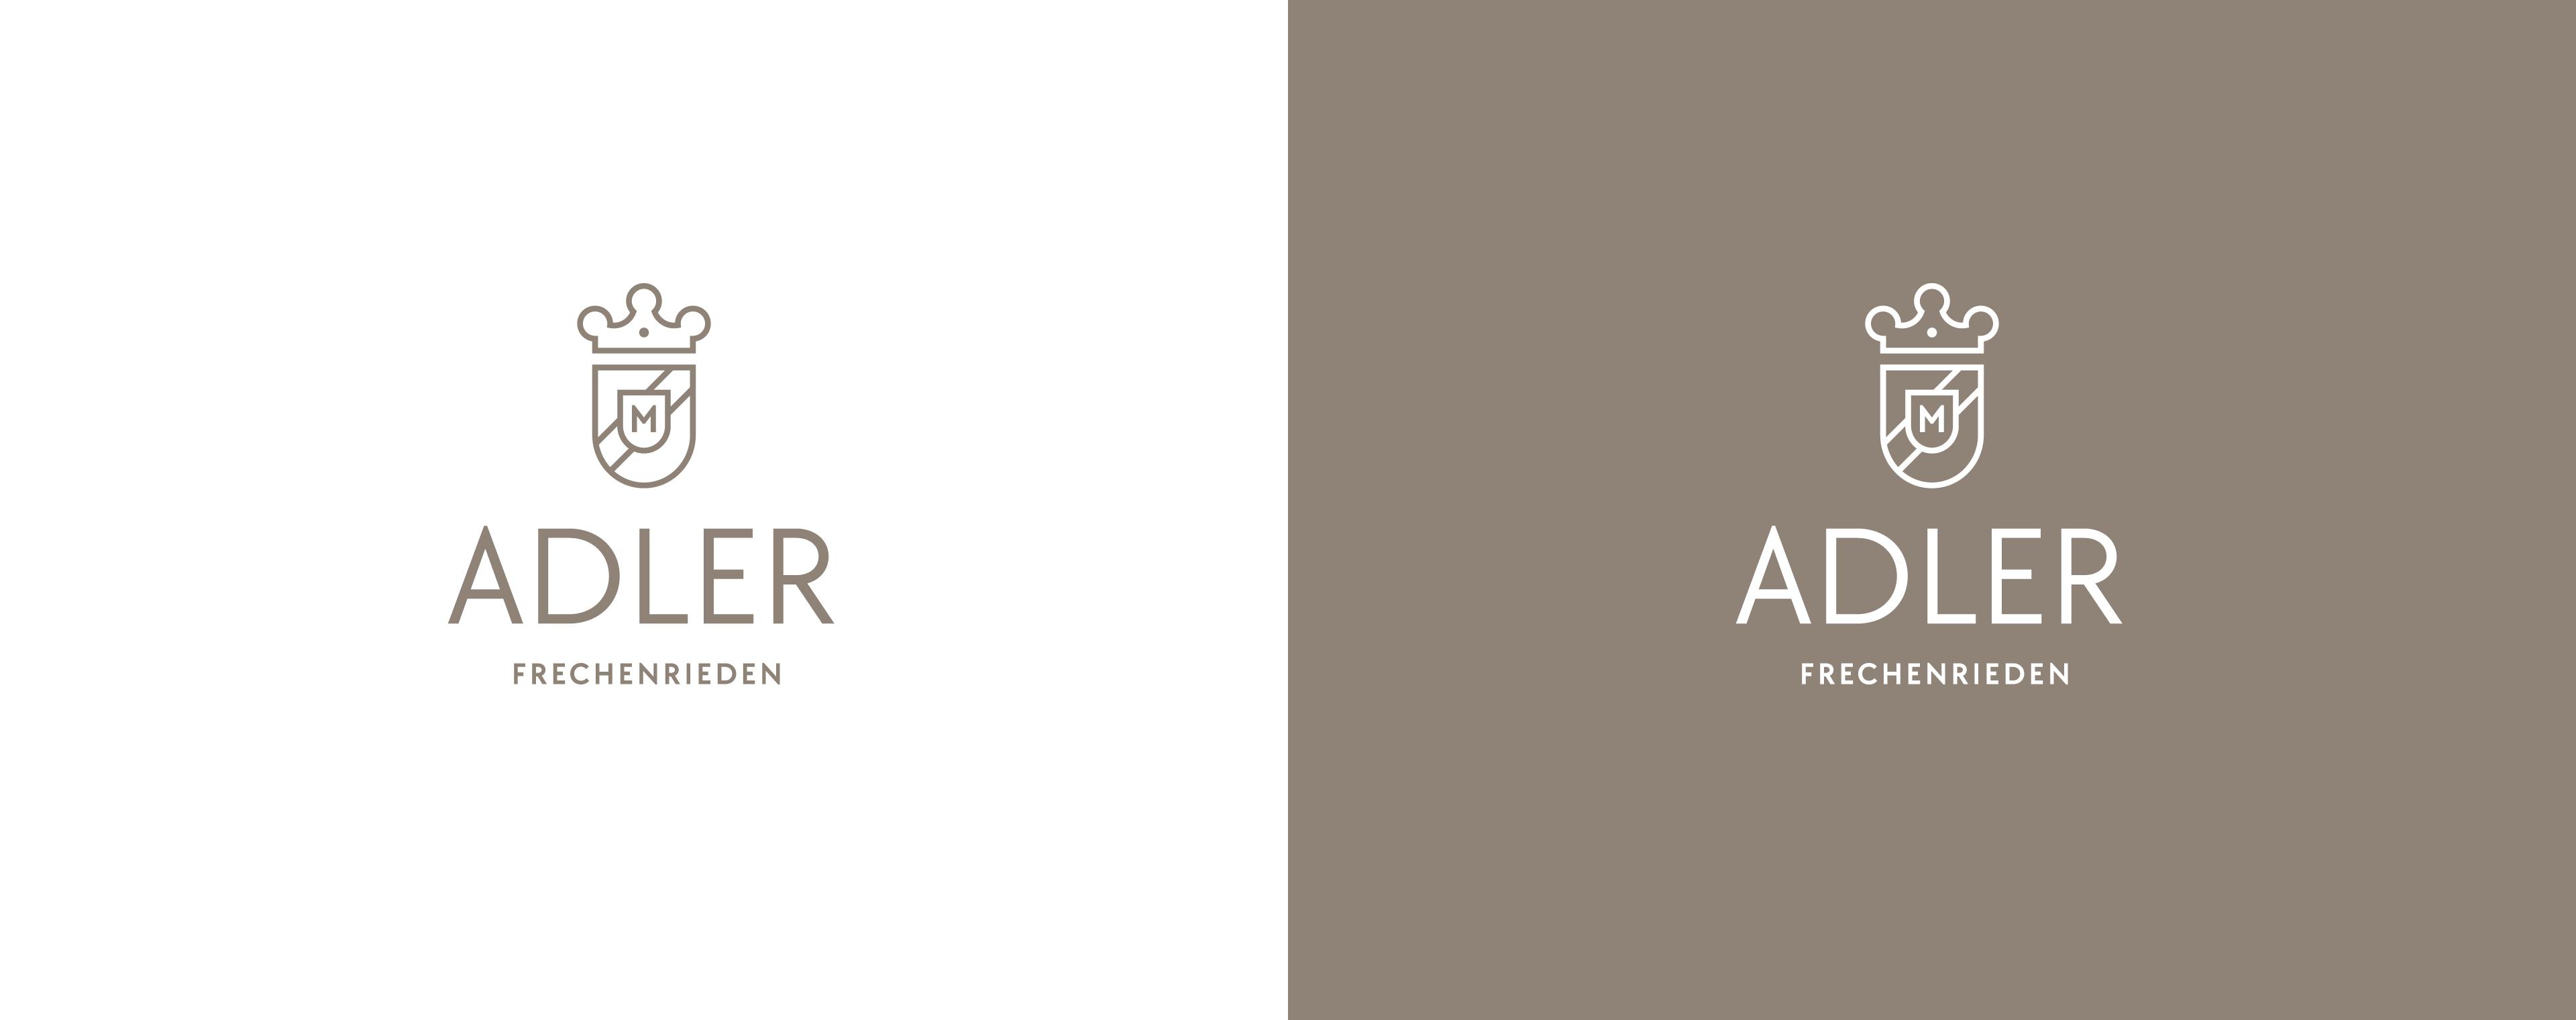 Logoentwicklung und Design eines Wappens für den Landgasthof Adler